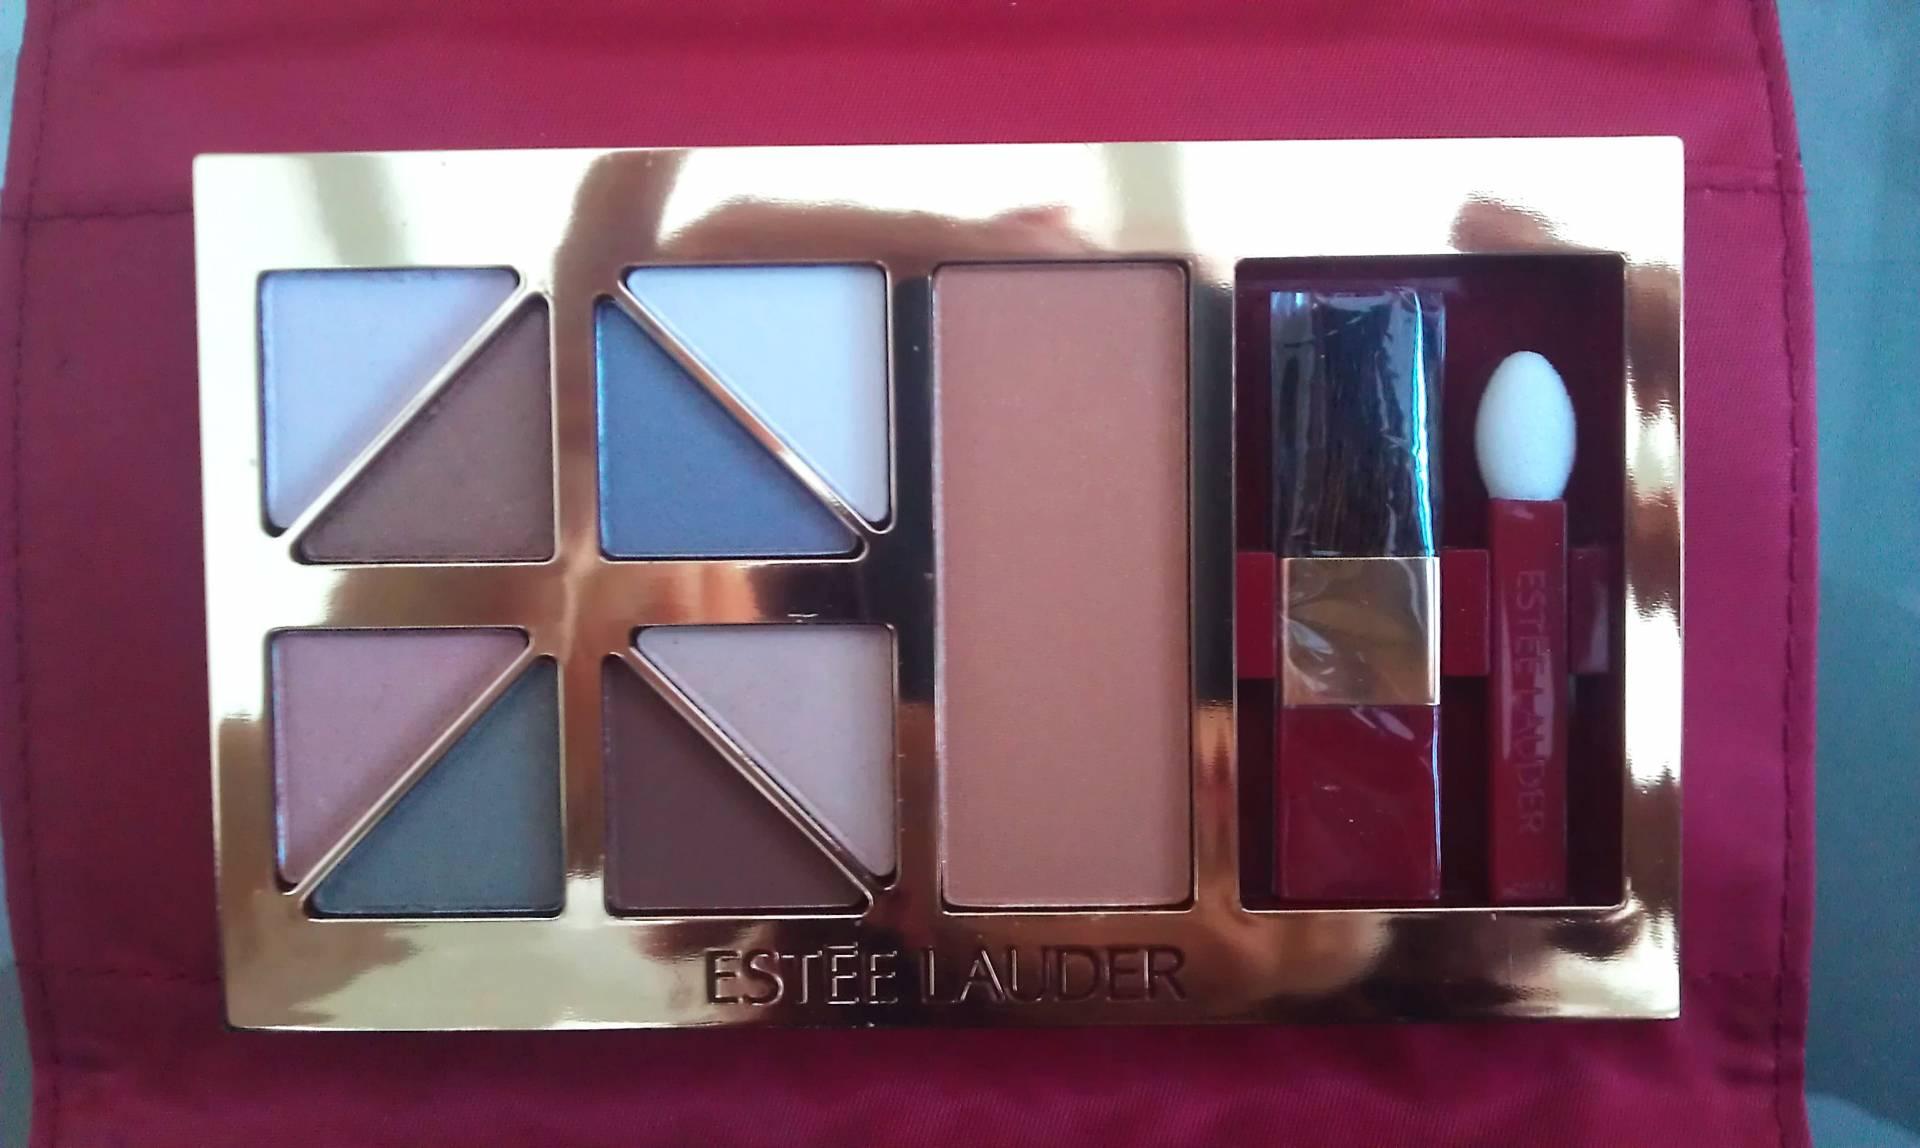 Estee Lauder soft neutral eyeshadow palette